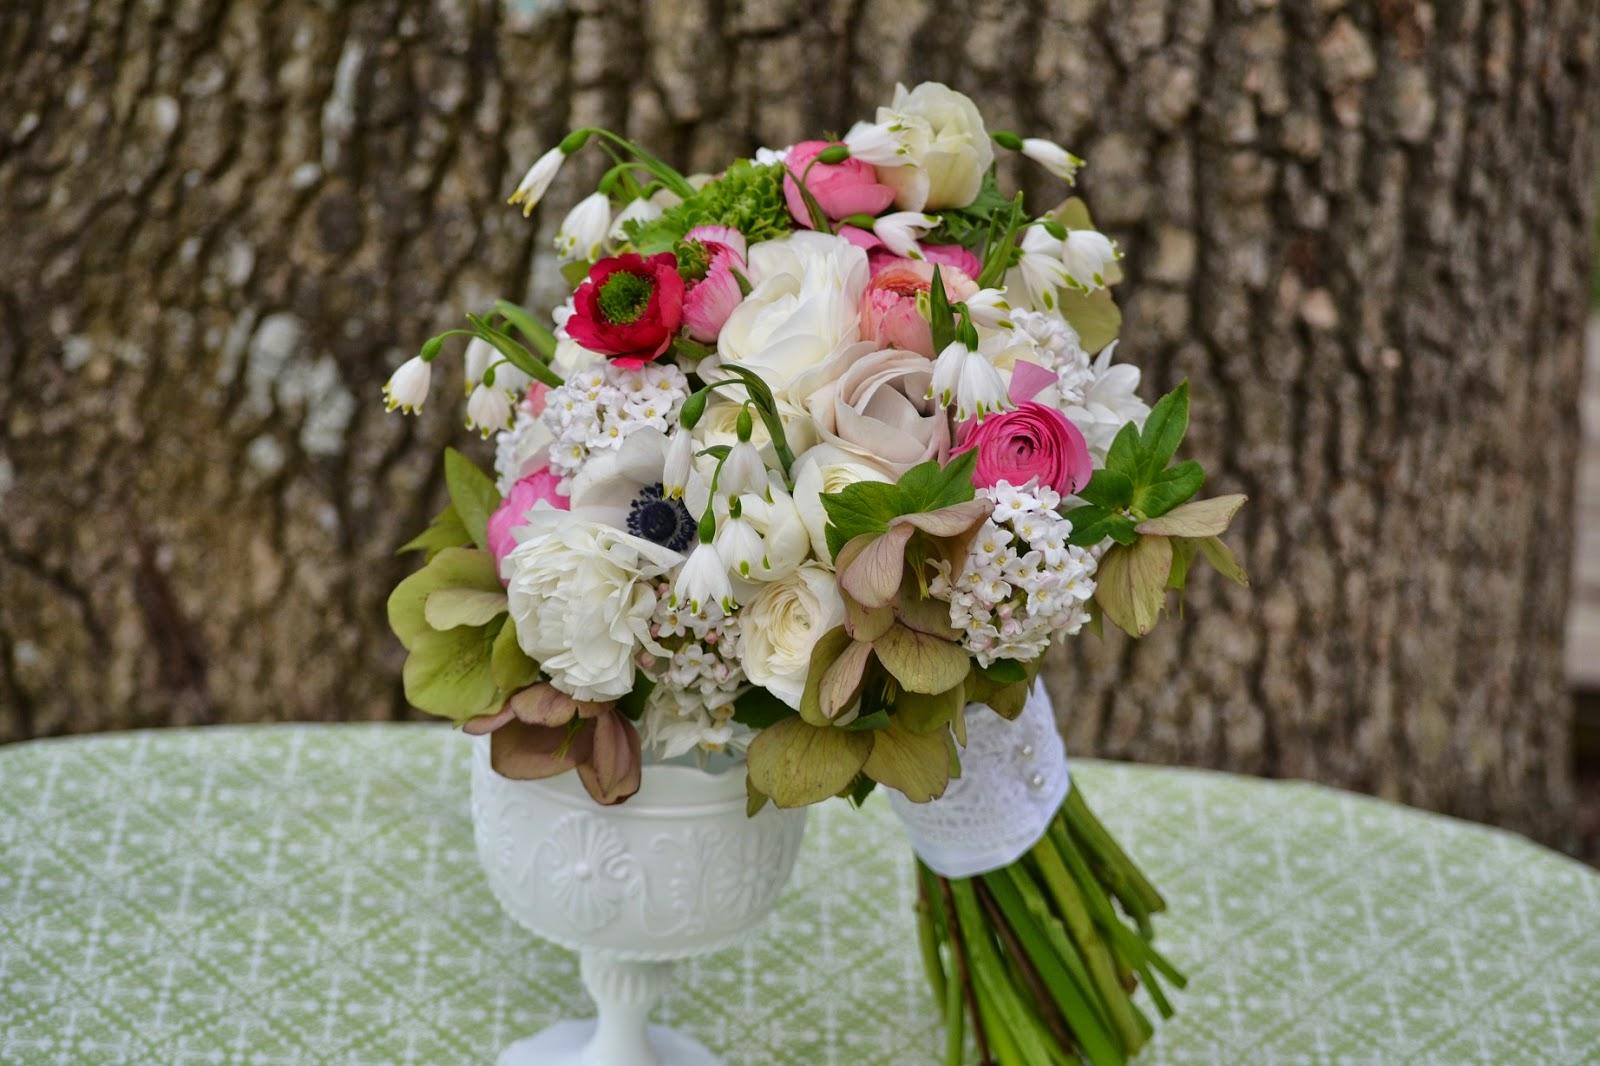 Wedding Flowers From Springwell: Leucojum- A Dainty Flower